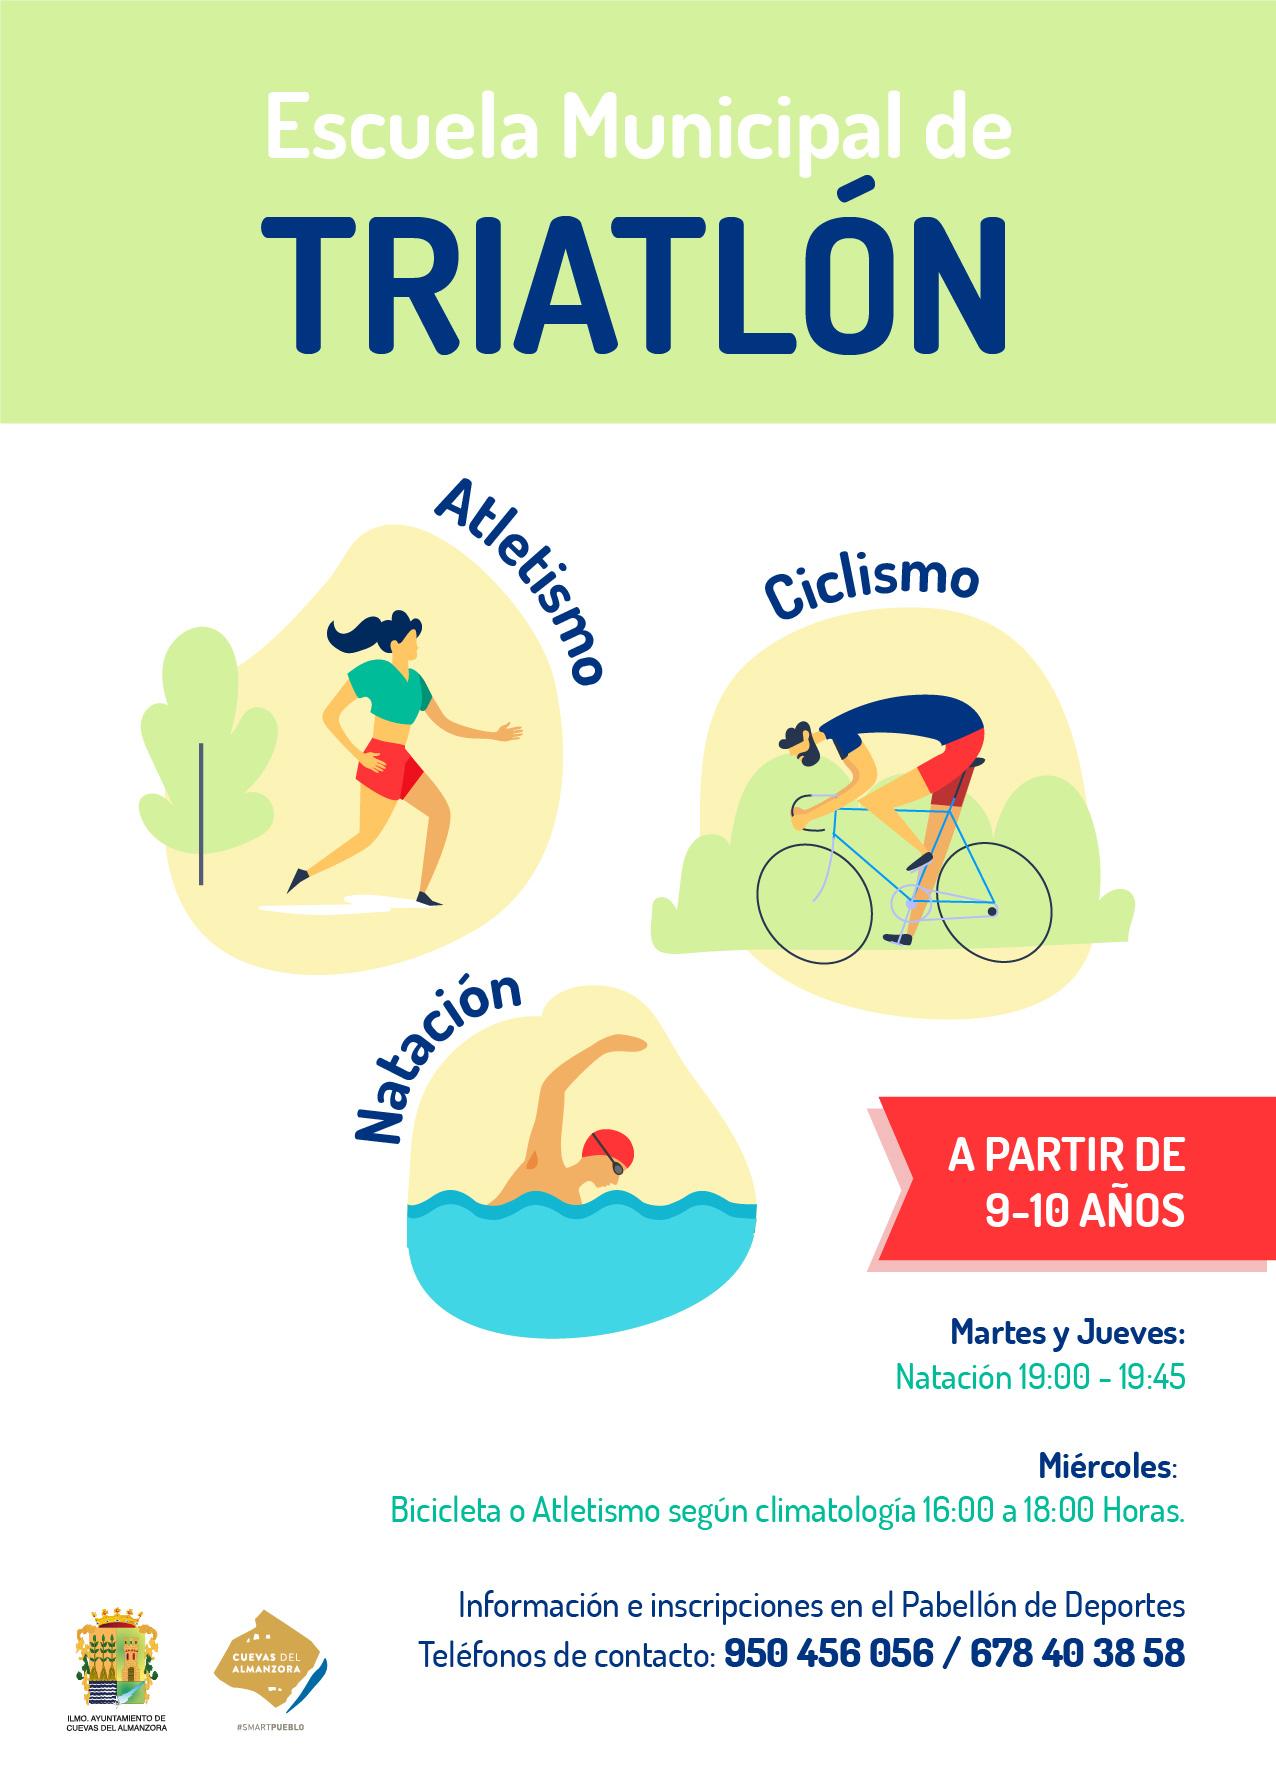 38 Juegos Deportivos Municipales Calendario.Diputacion Provincial De Almeria Area De Deporte